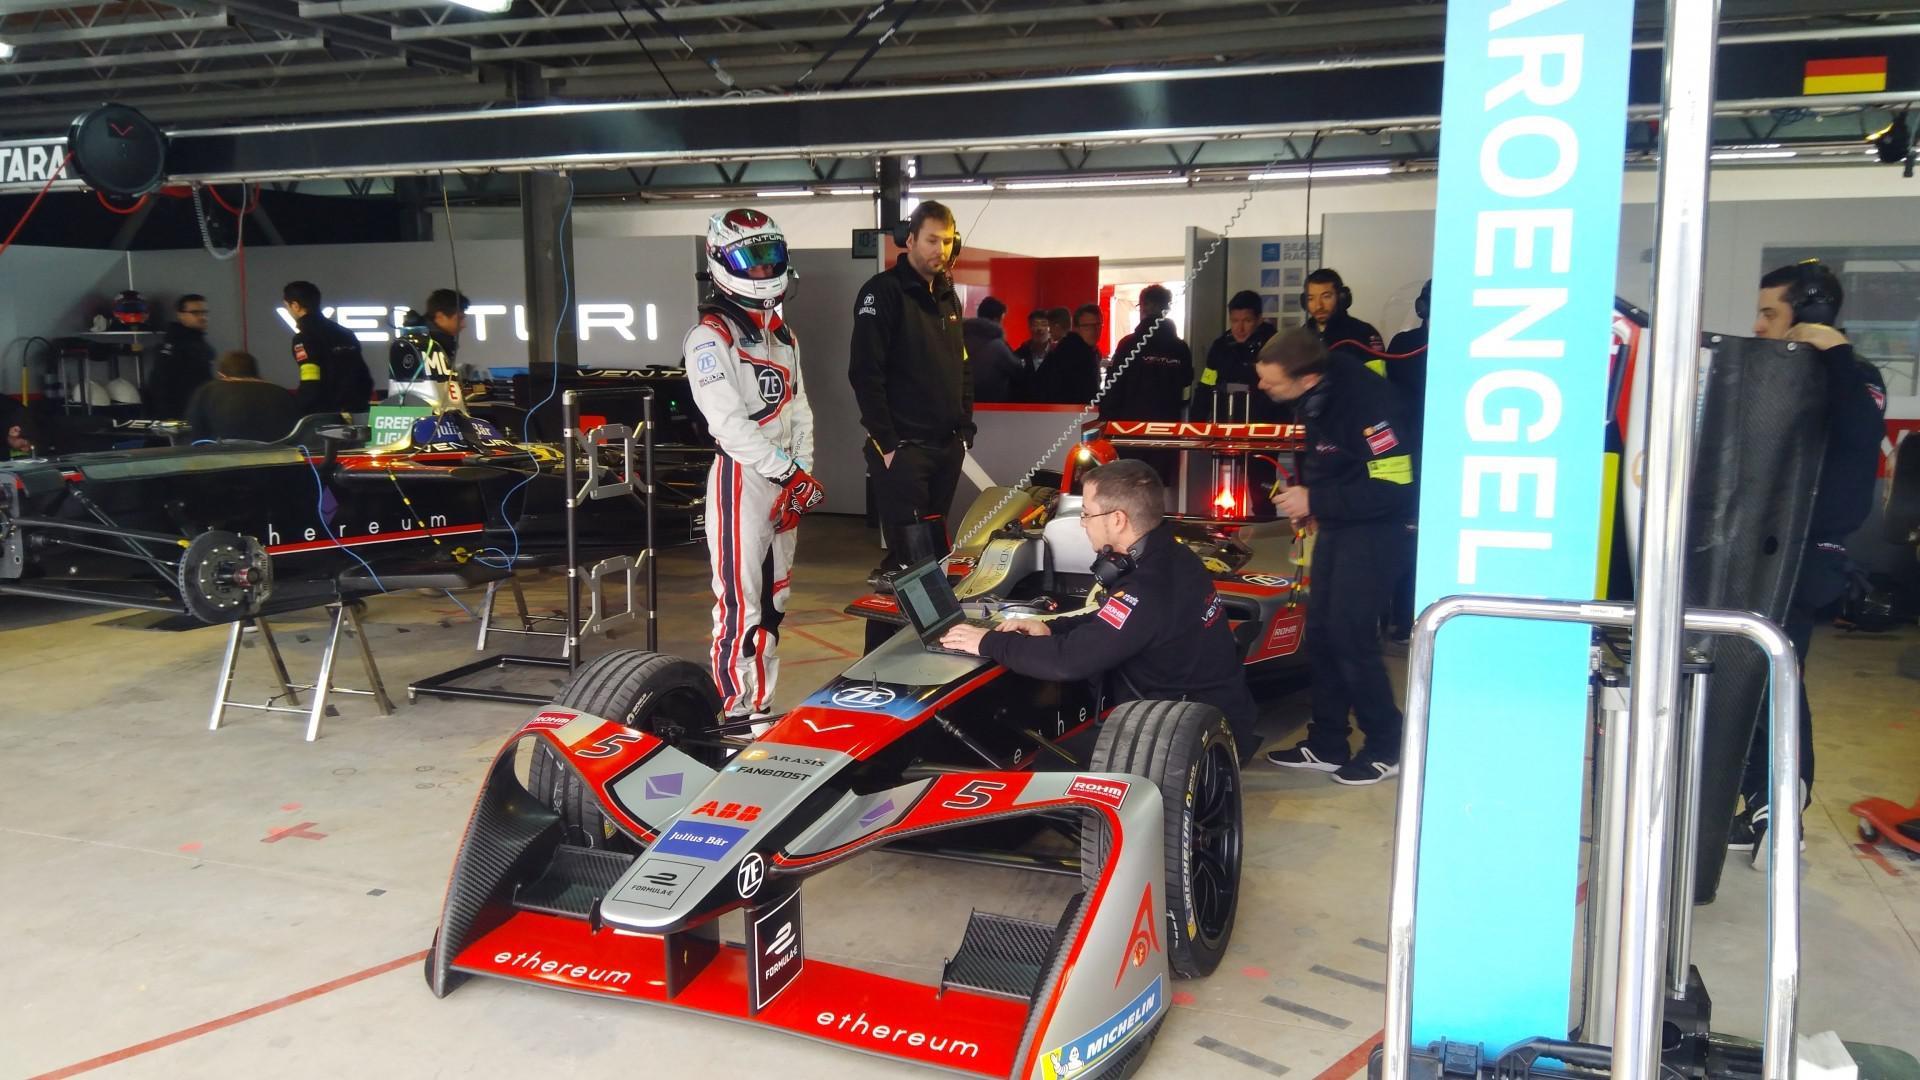 Le pilote Marocain Benyahia dernier lors des Rookies test de Formula E à Marrakech…